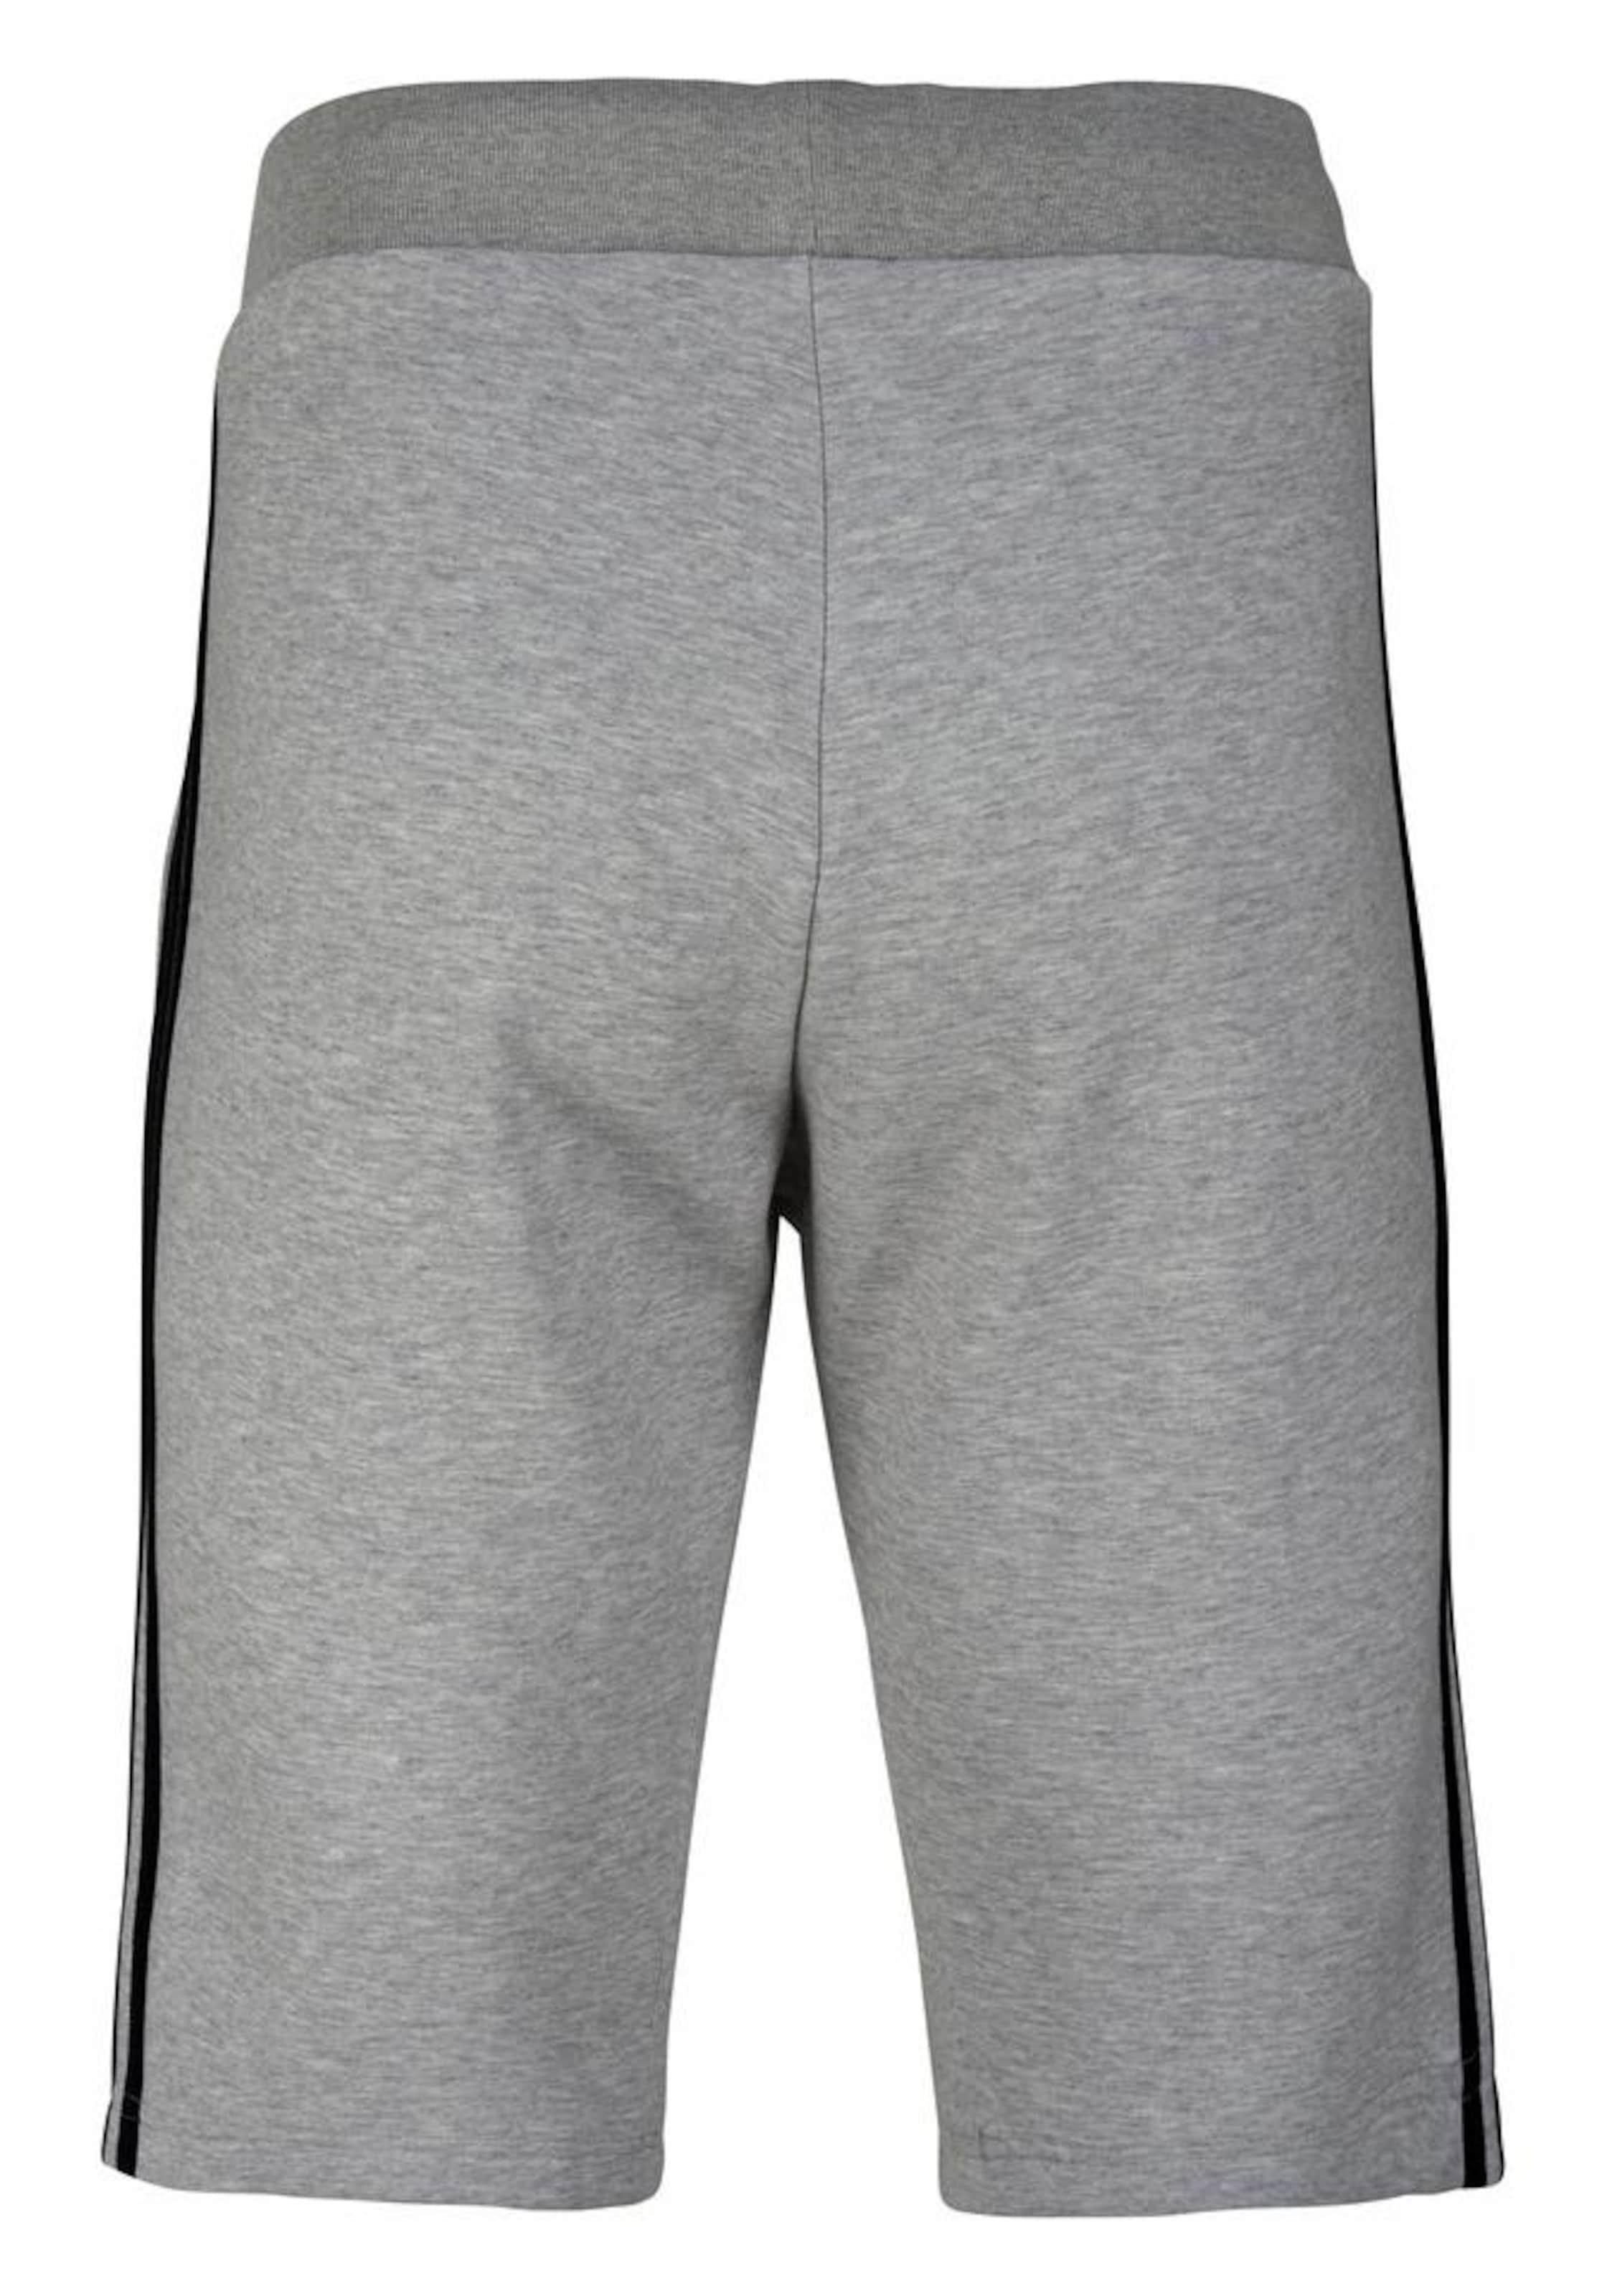 Q2' Shorts ORIGINALS ADIDAS 'CURATED ORIGINALS SHORTS Shorts ADIDAS qw8P16Ua